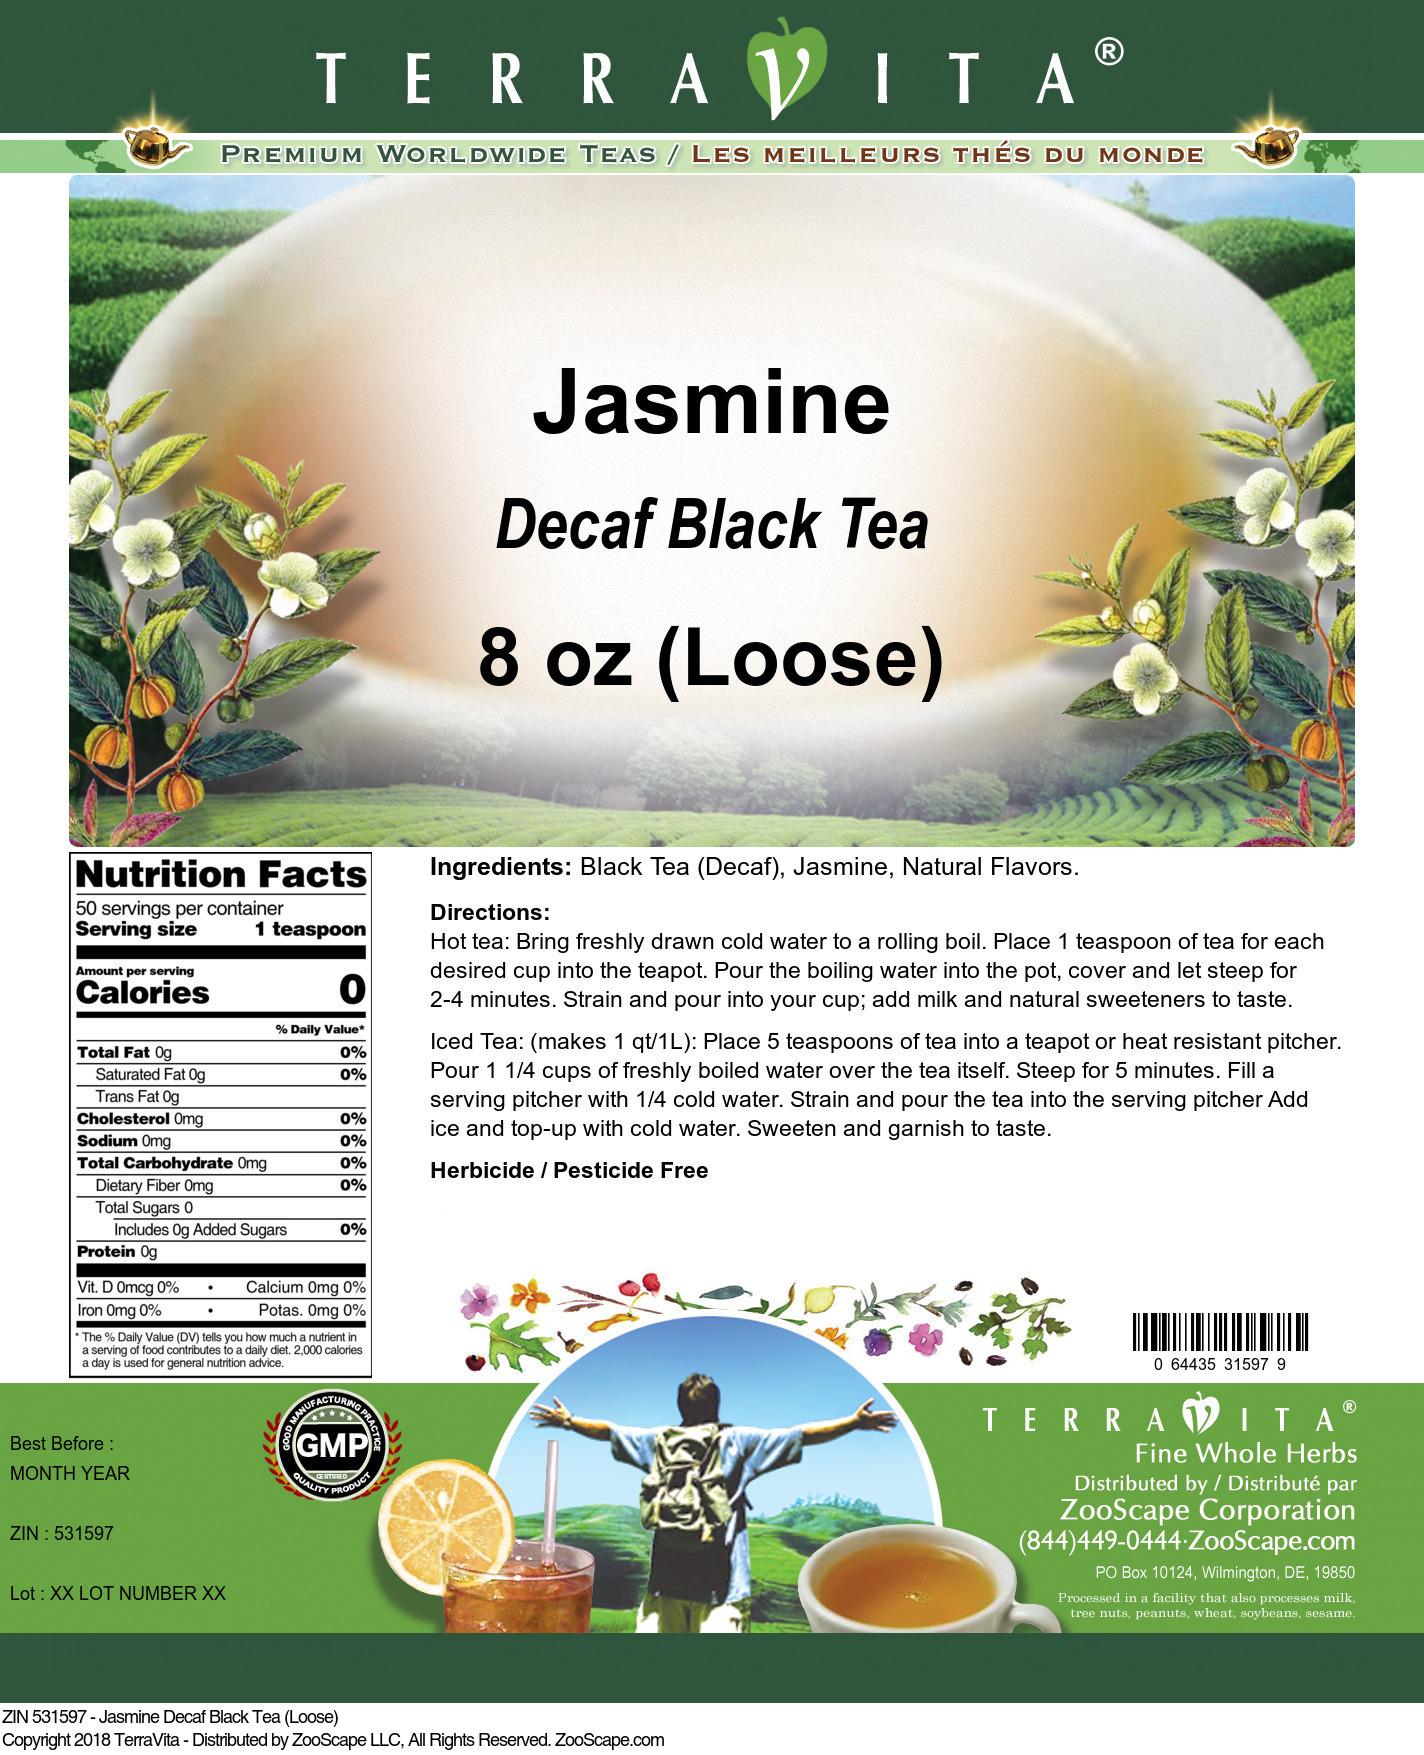 Jasmine Decaf Black Tea (Loose)